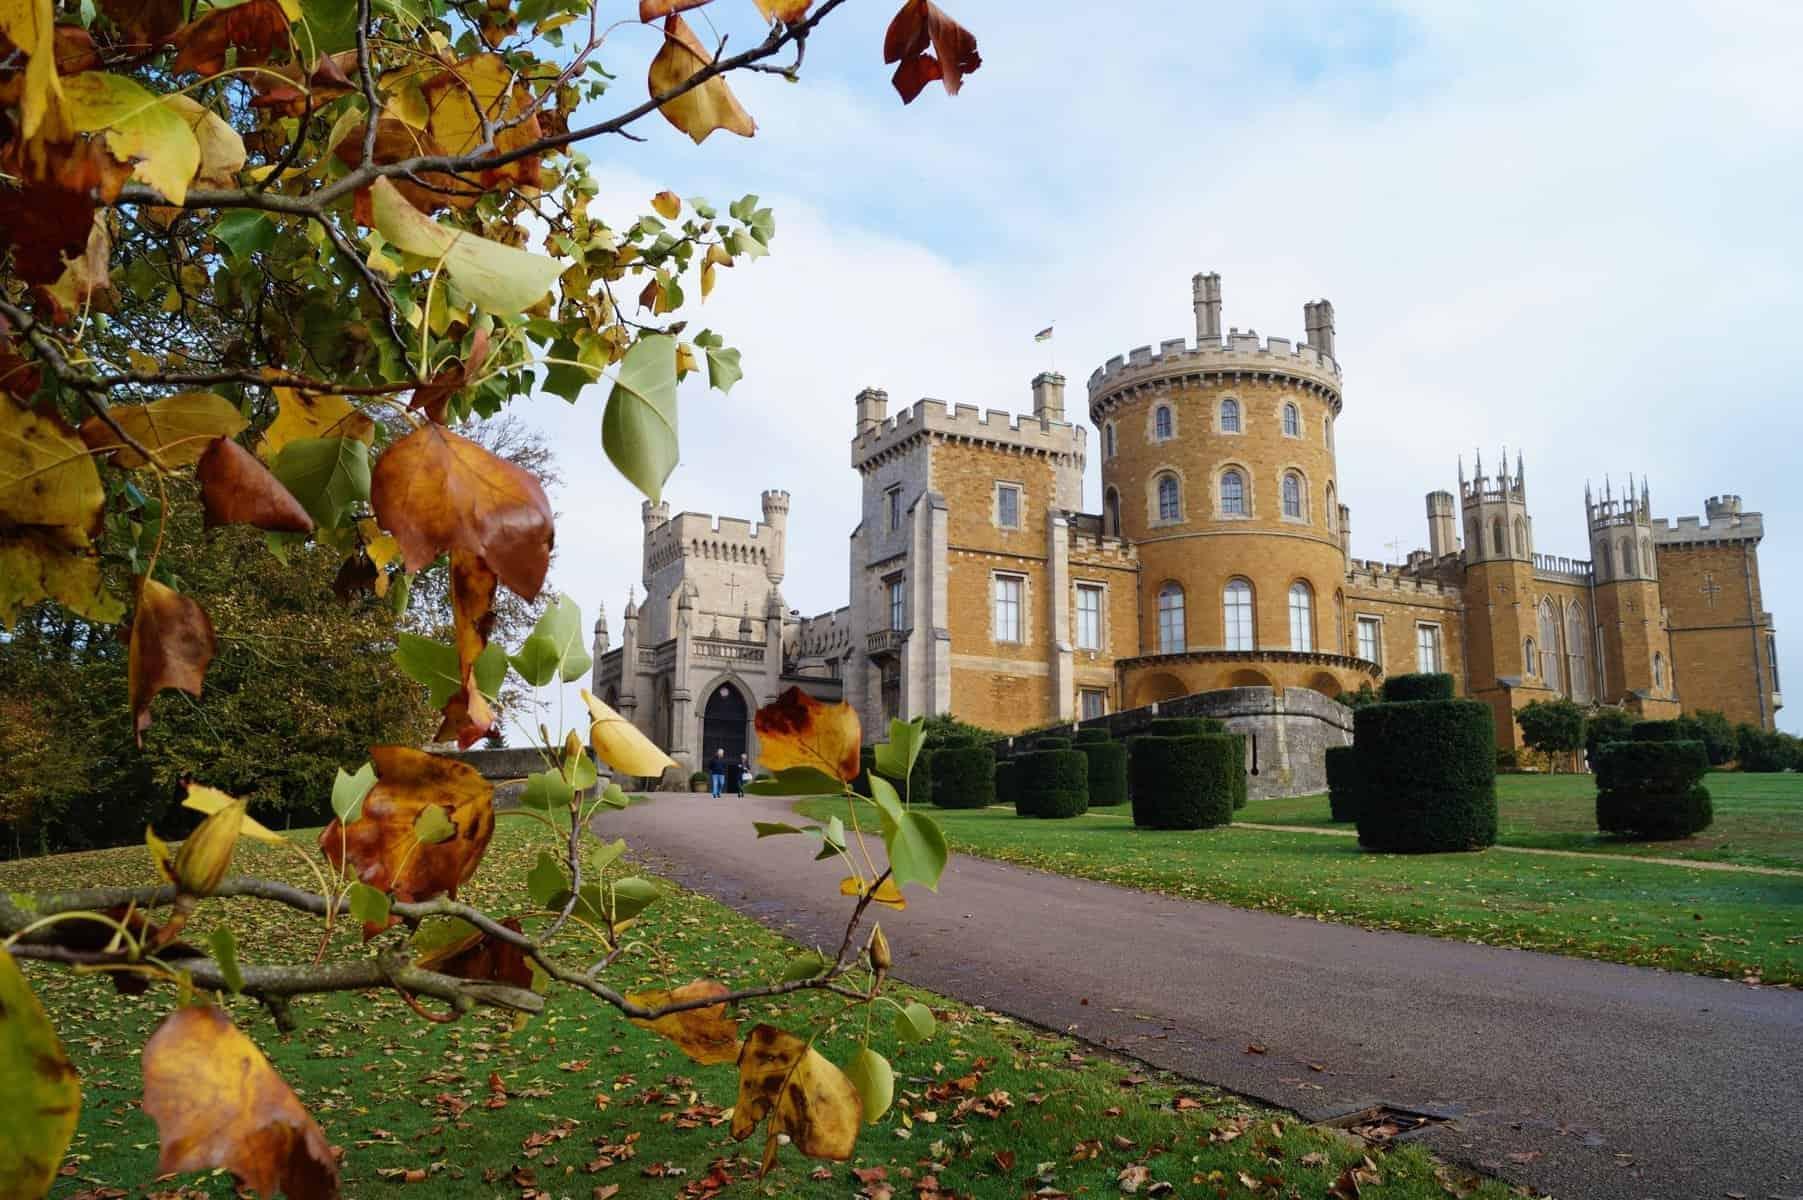 Belvoir Castle, England